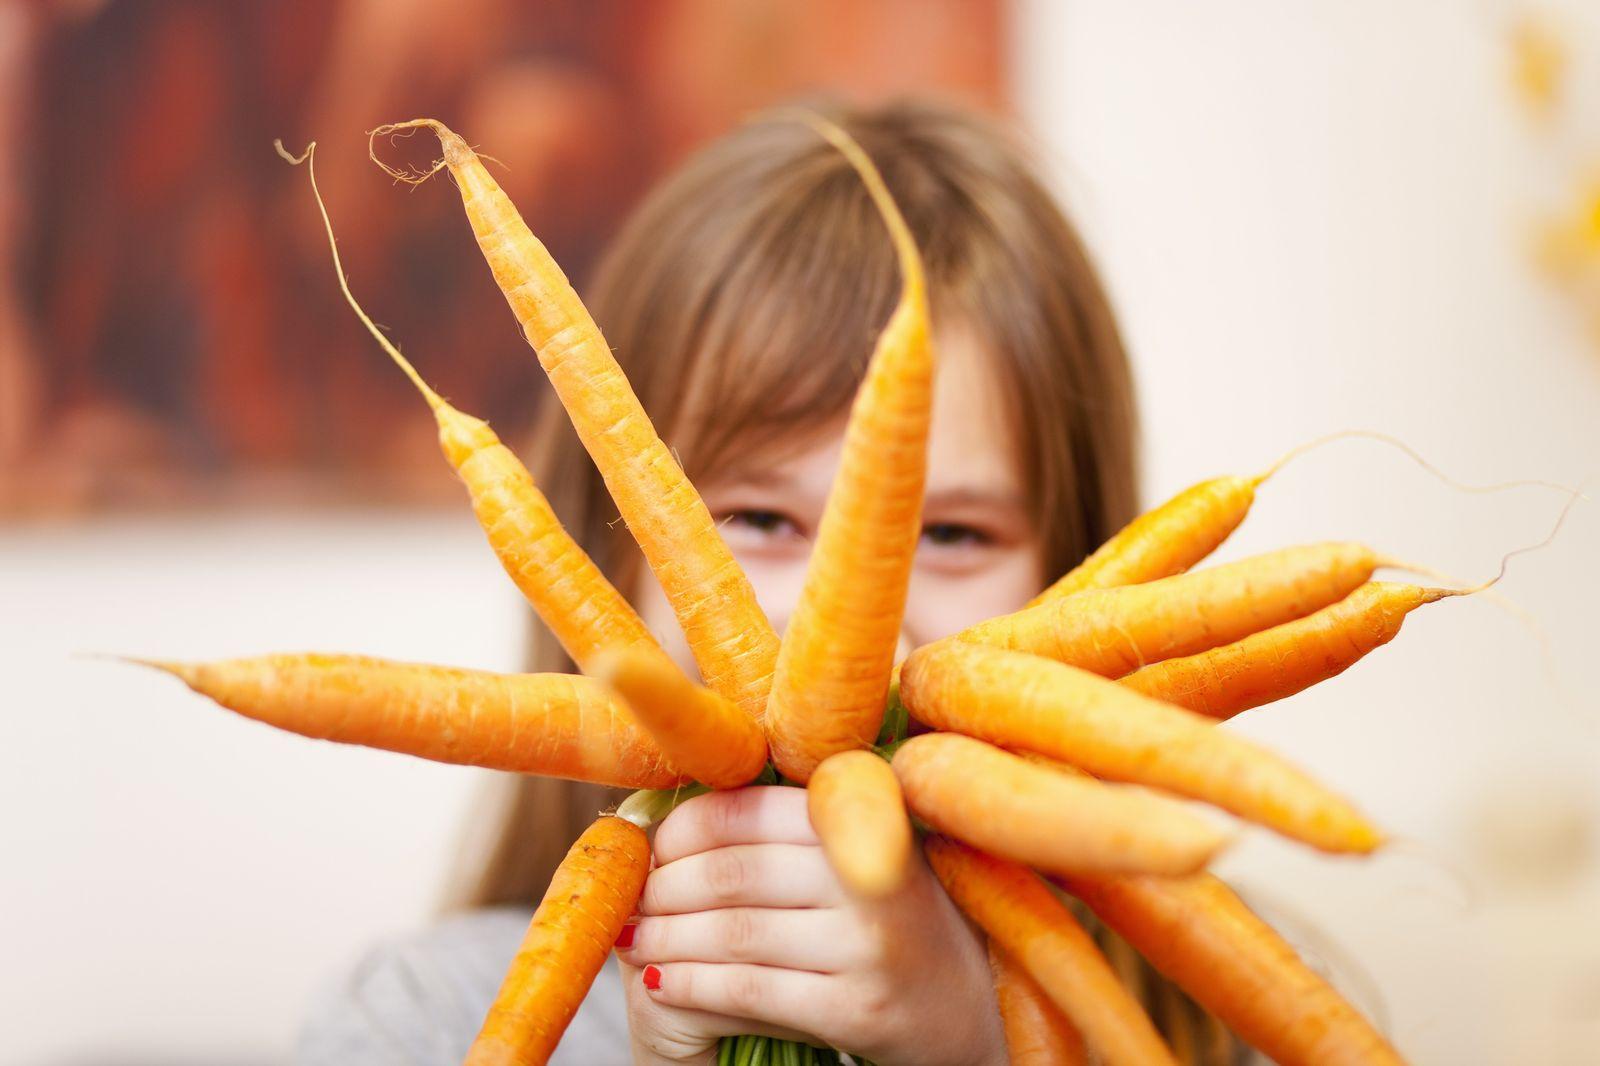 NICHT MEHR VERWENDEN! - Karotten / Gemüse / Kinder